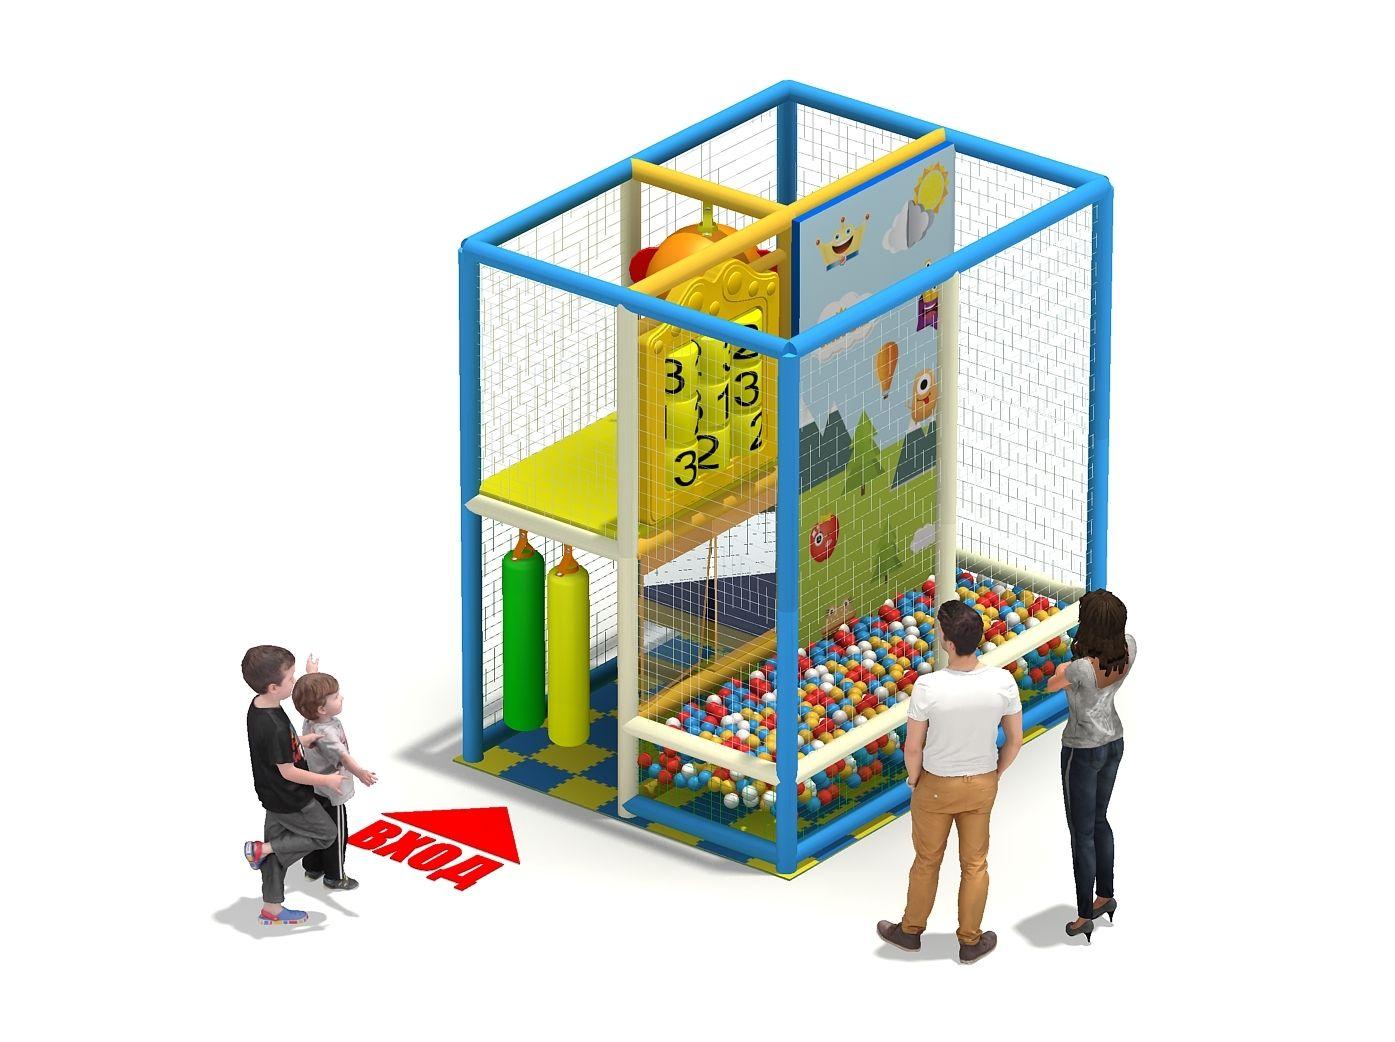 Игровой лабиринт с бассейном и скалолазкой